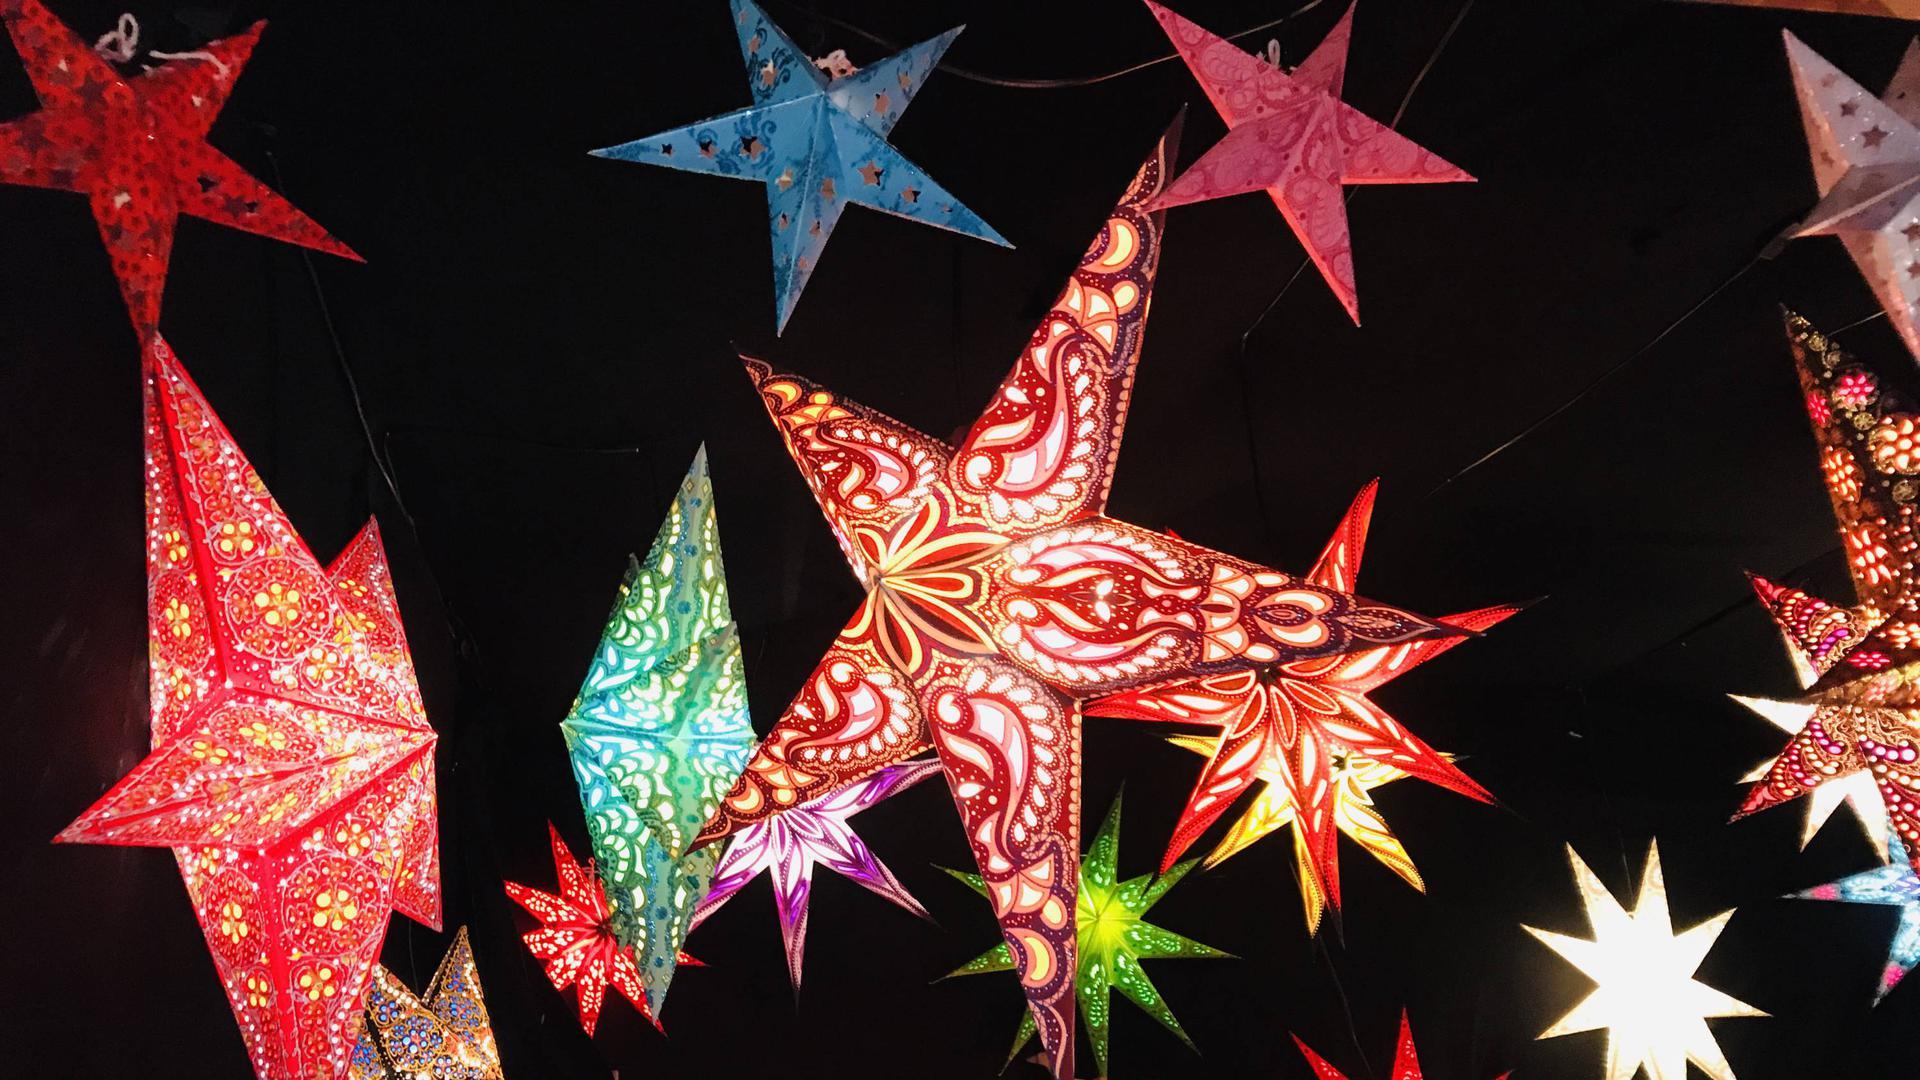 Leuchtende Weihnachtssterne hängen an einem Stand auf dem Weihnachtsmarkt in Baden-Baden.